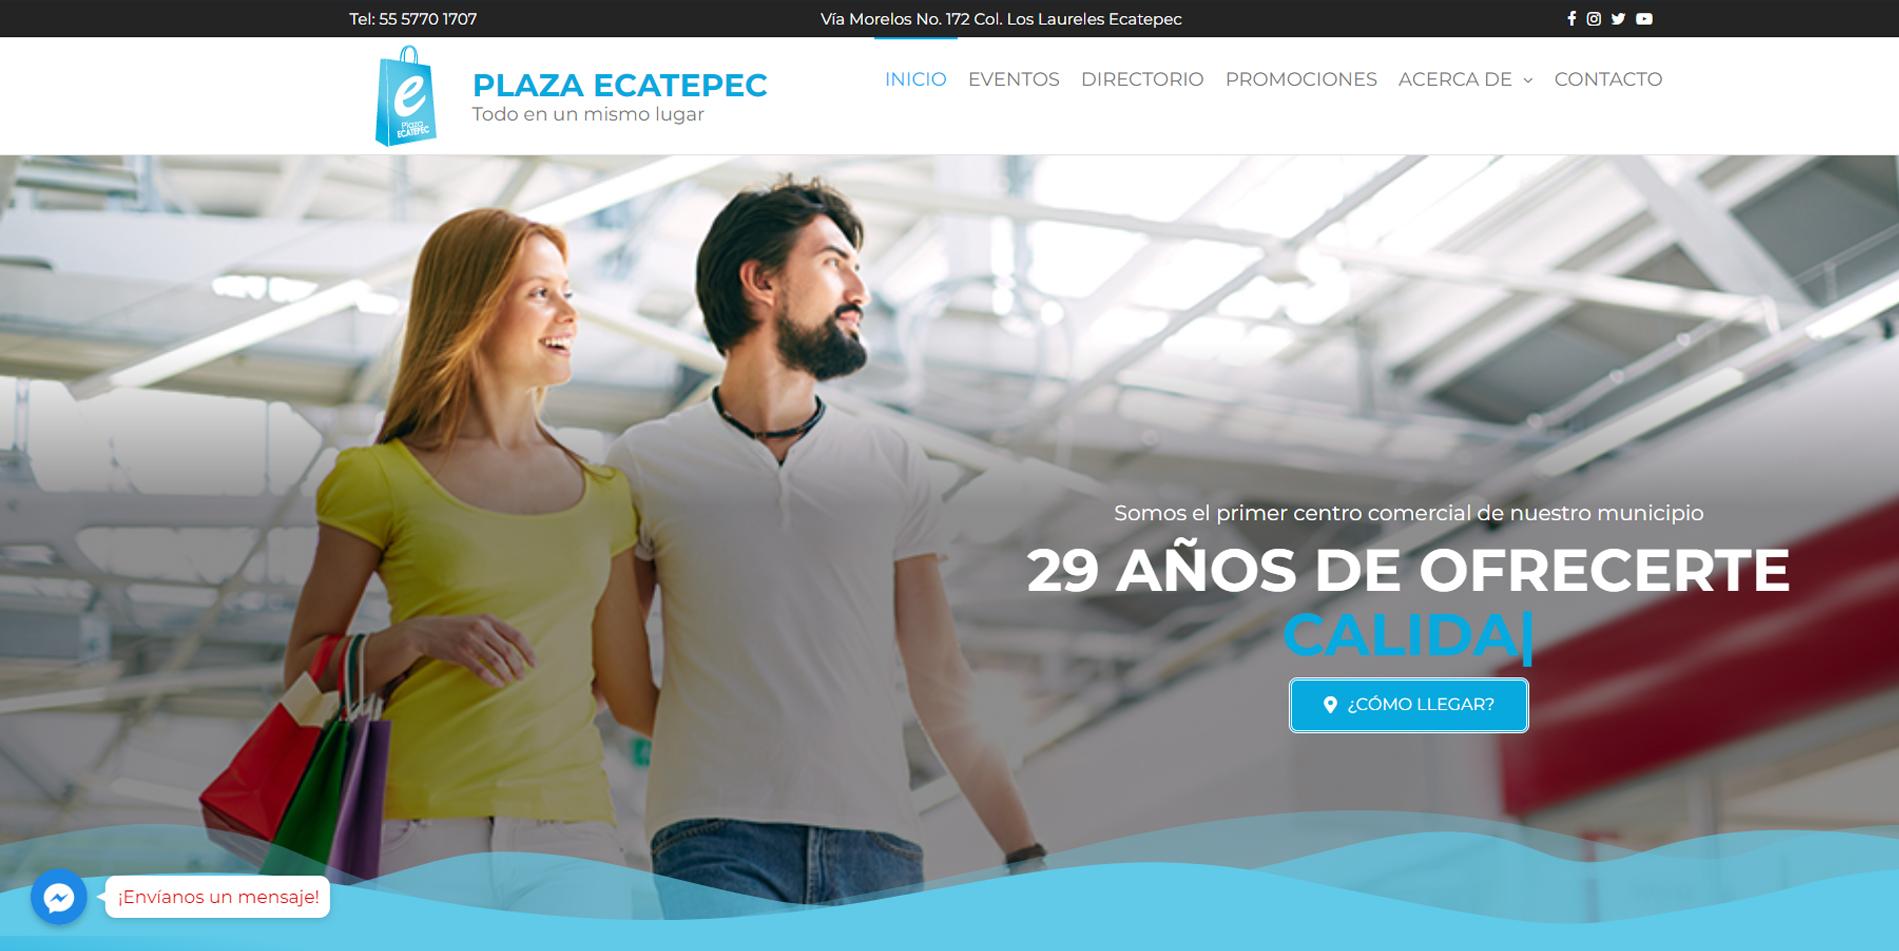 Páginas web en Estado de México 2020